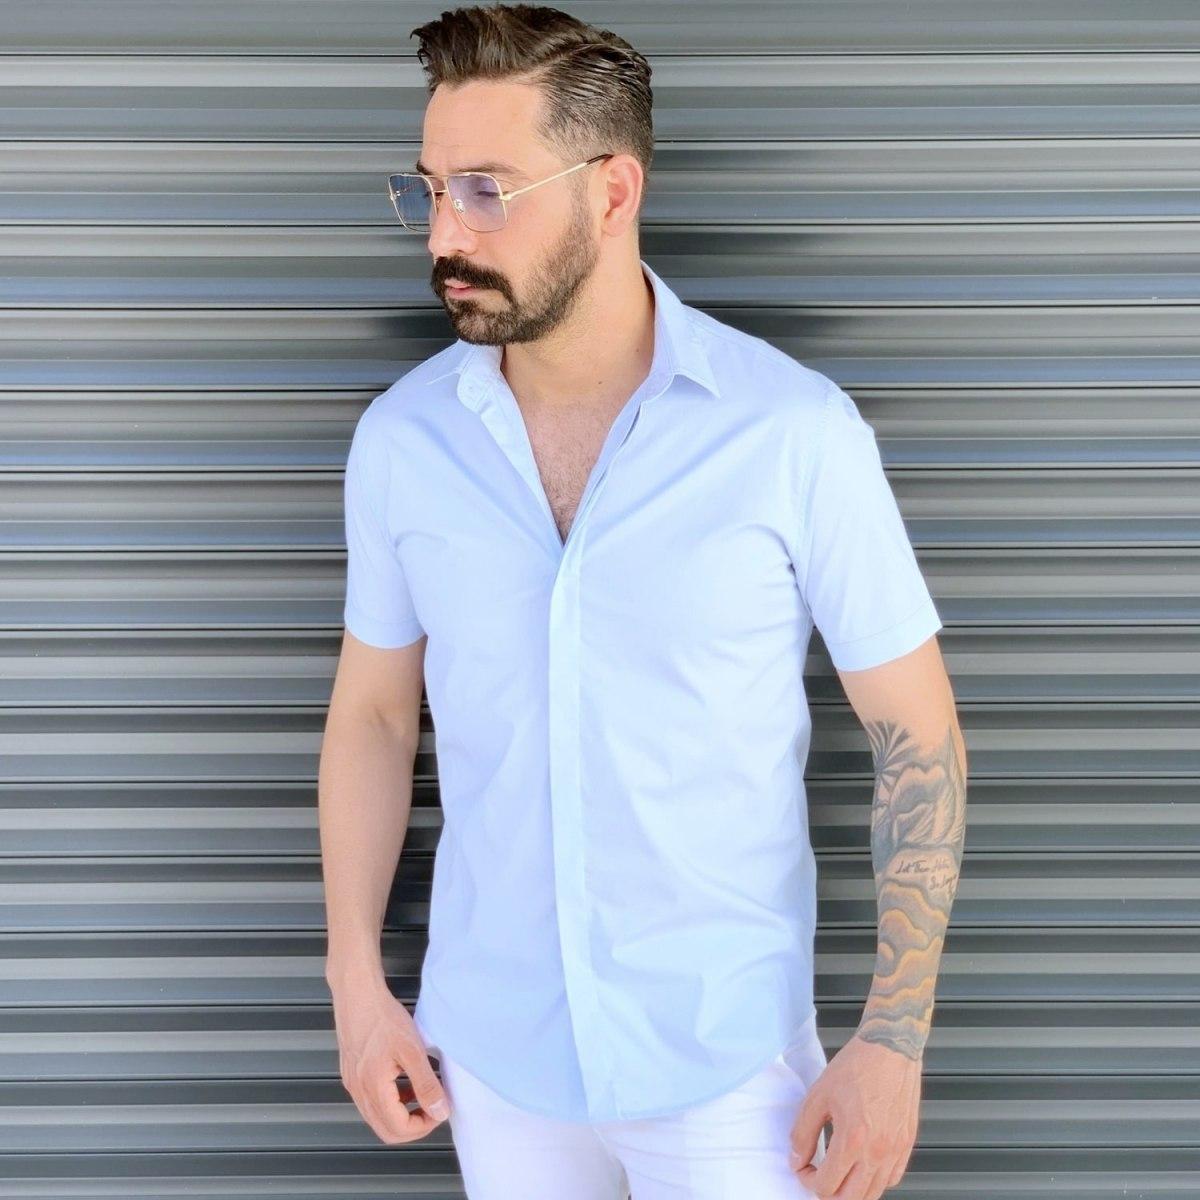 Men's Basic Slim Fit Summer Shirt In White Mv Premium Brand - 1